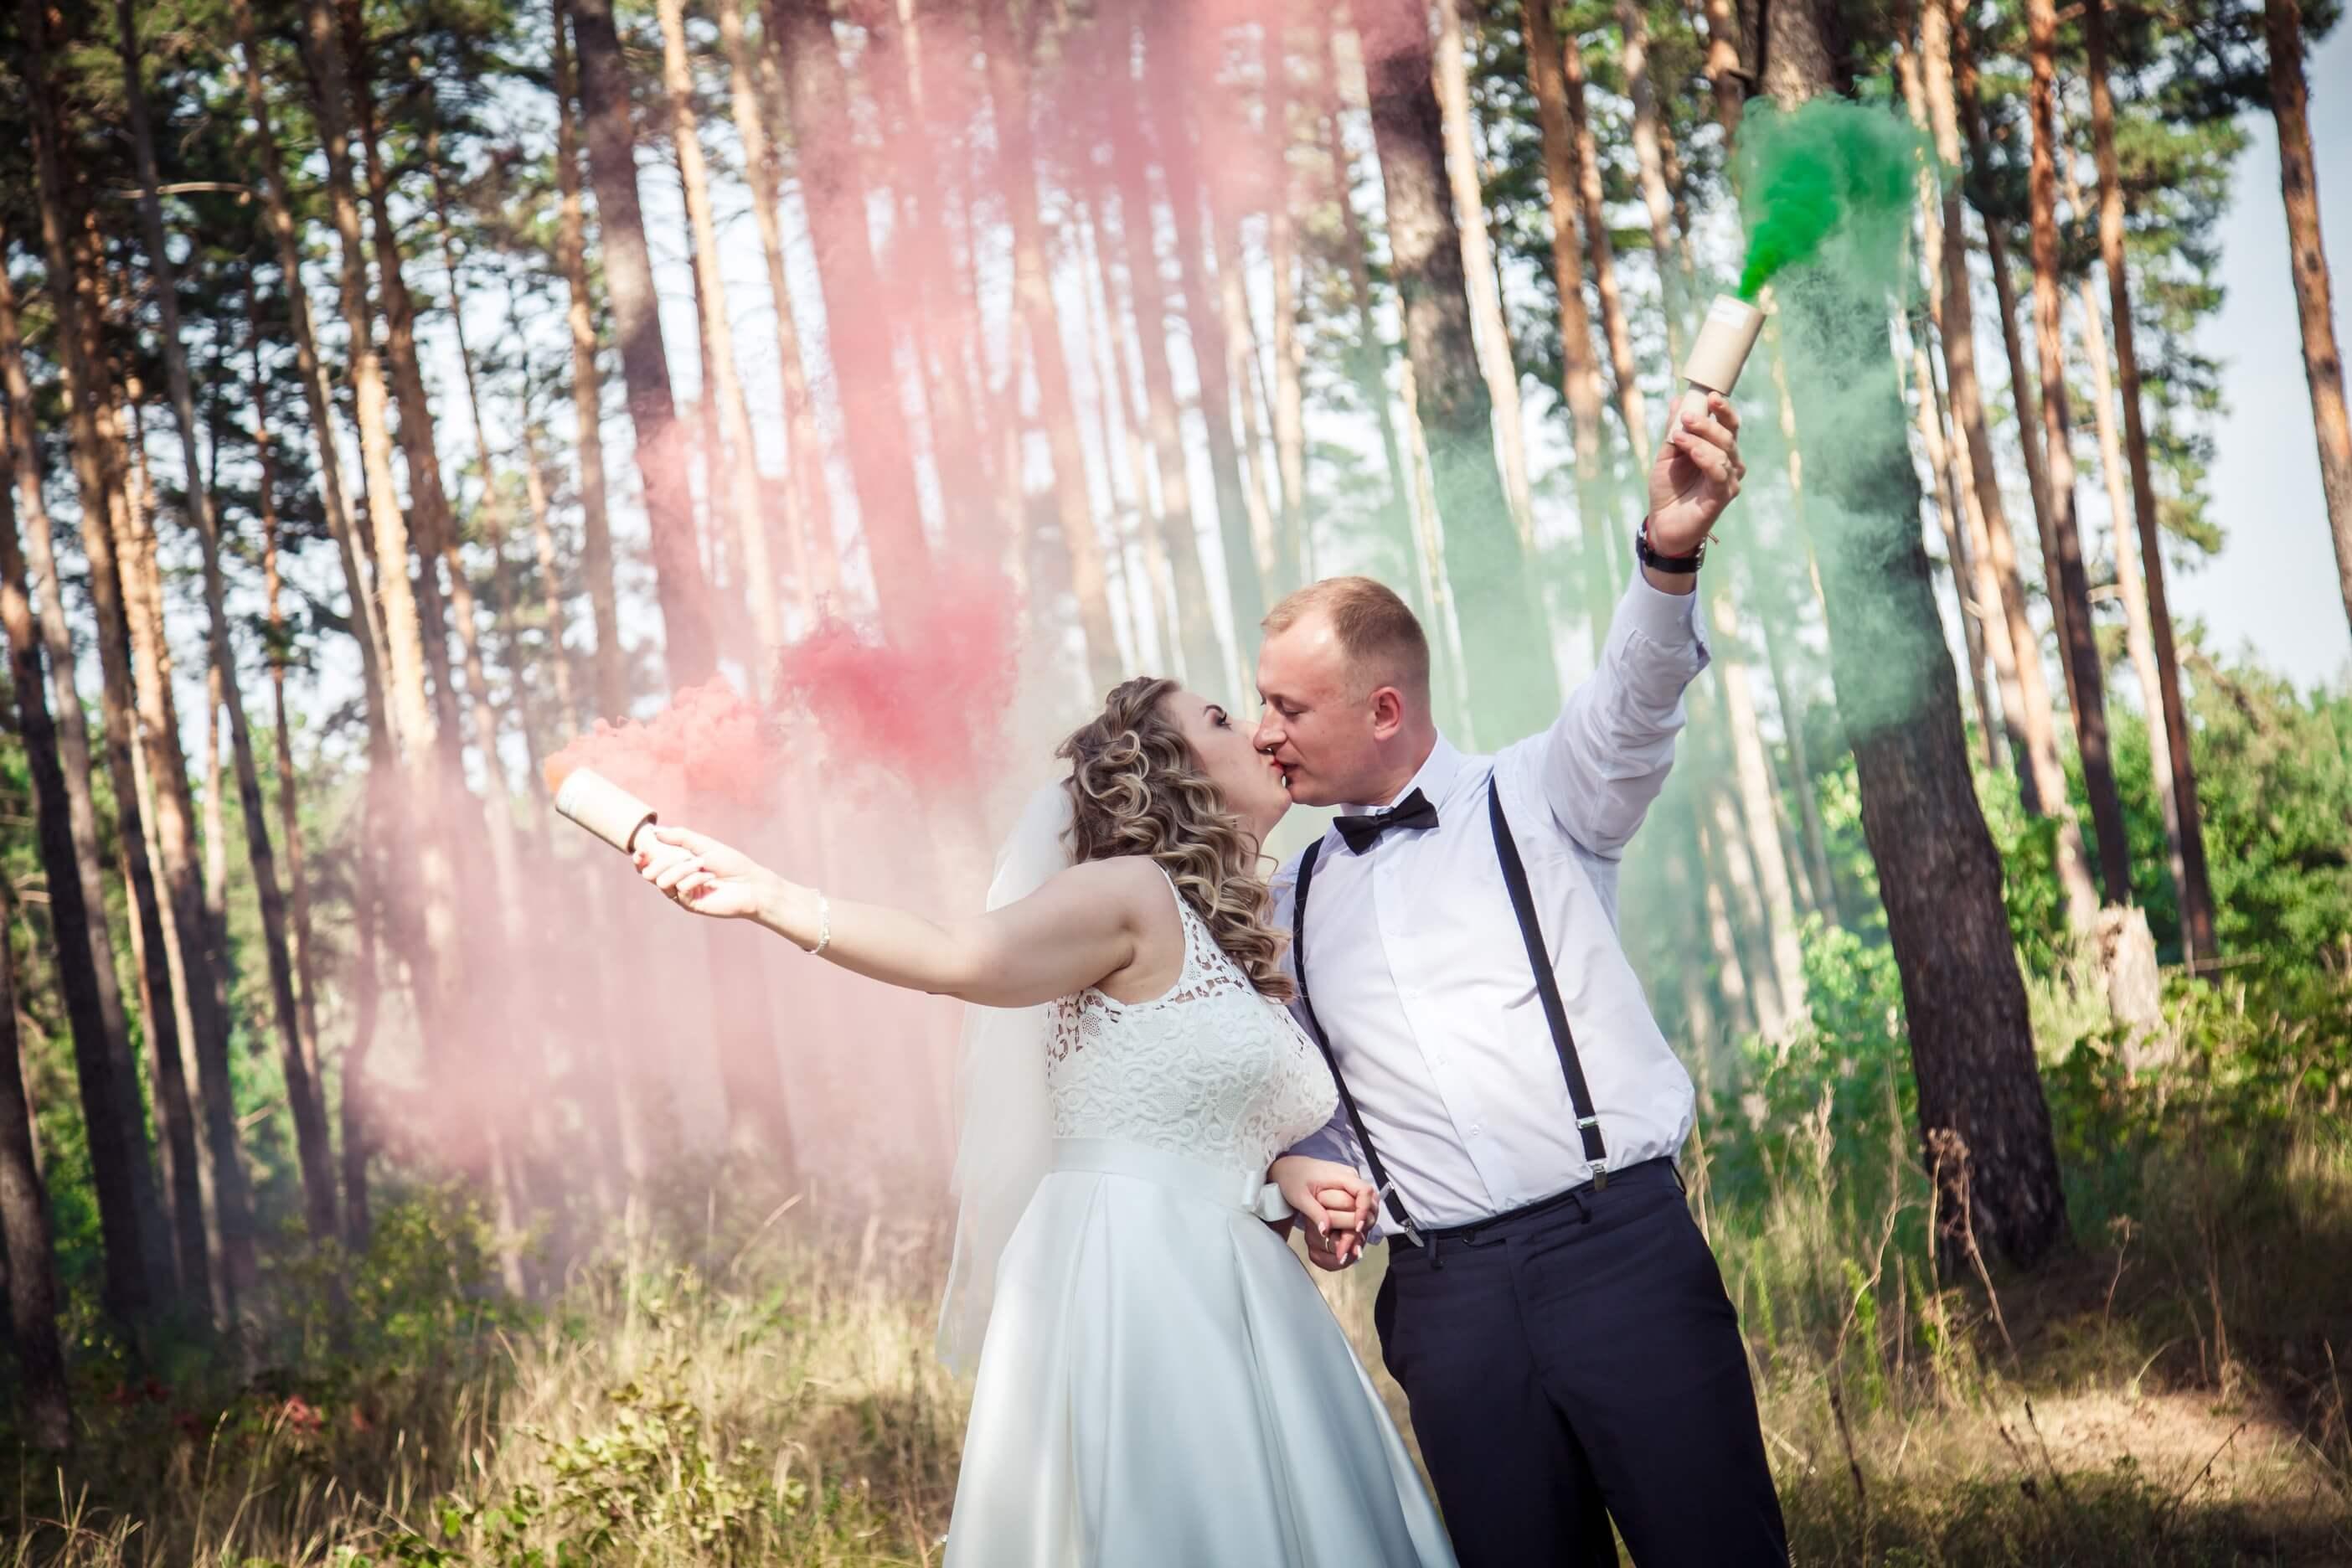 svadebnye foto s dymovymi shashkami fotosessija s dymovoj shashkoj (4)